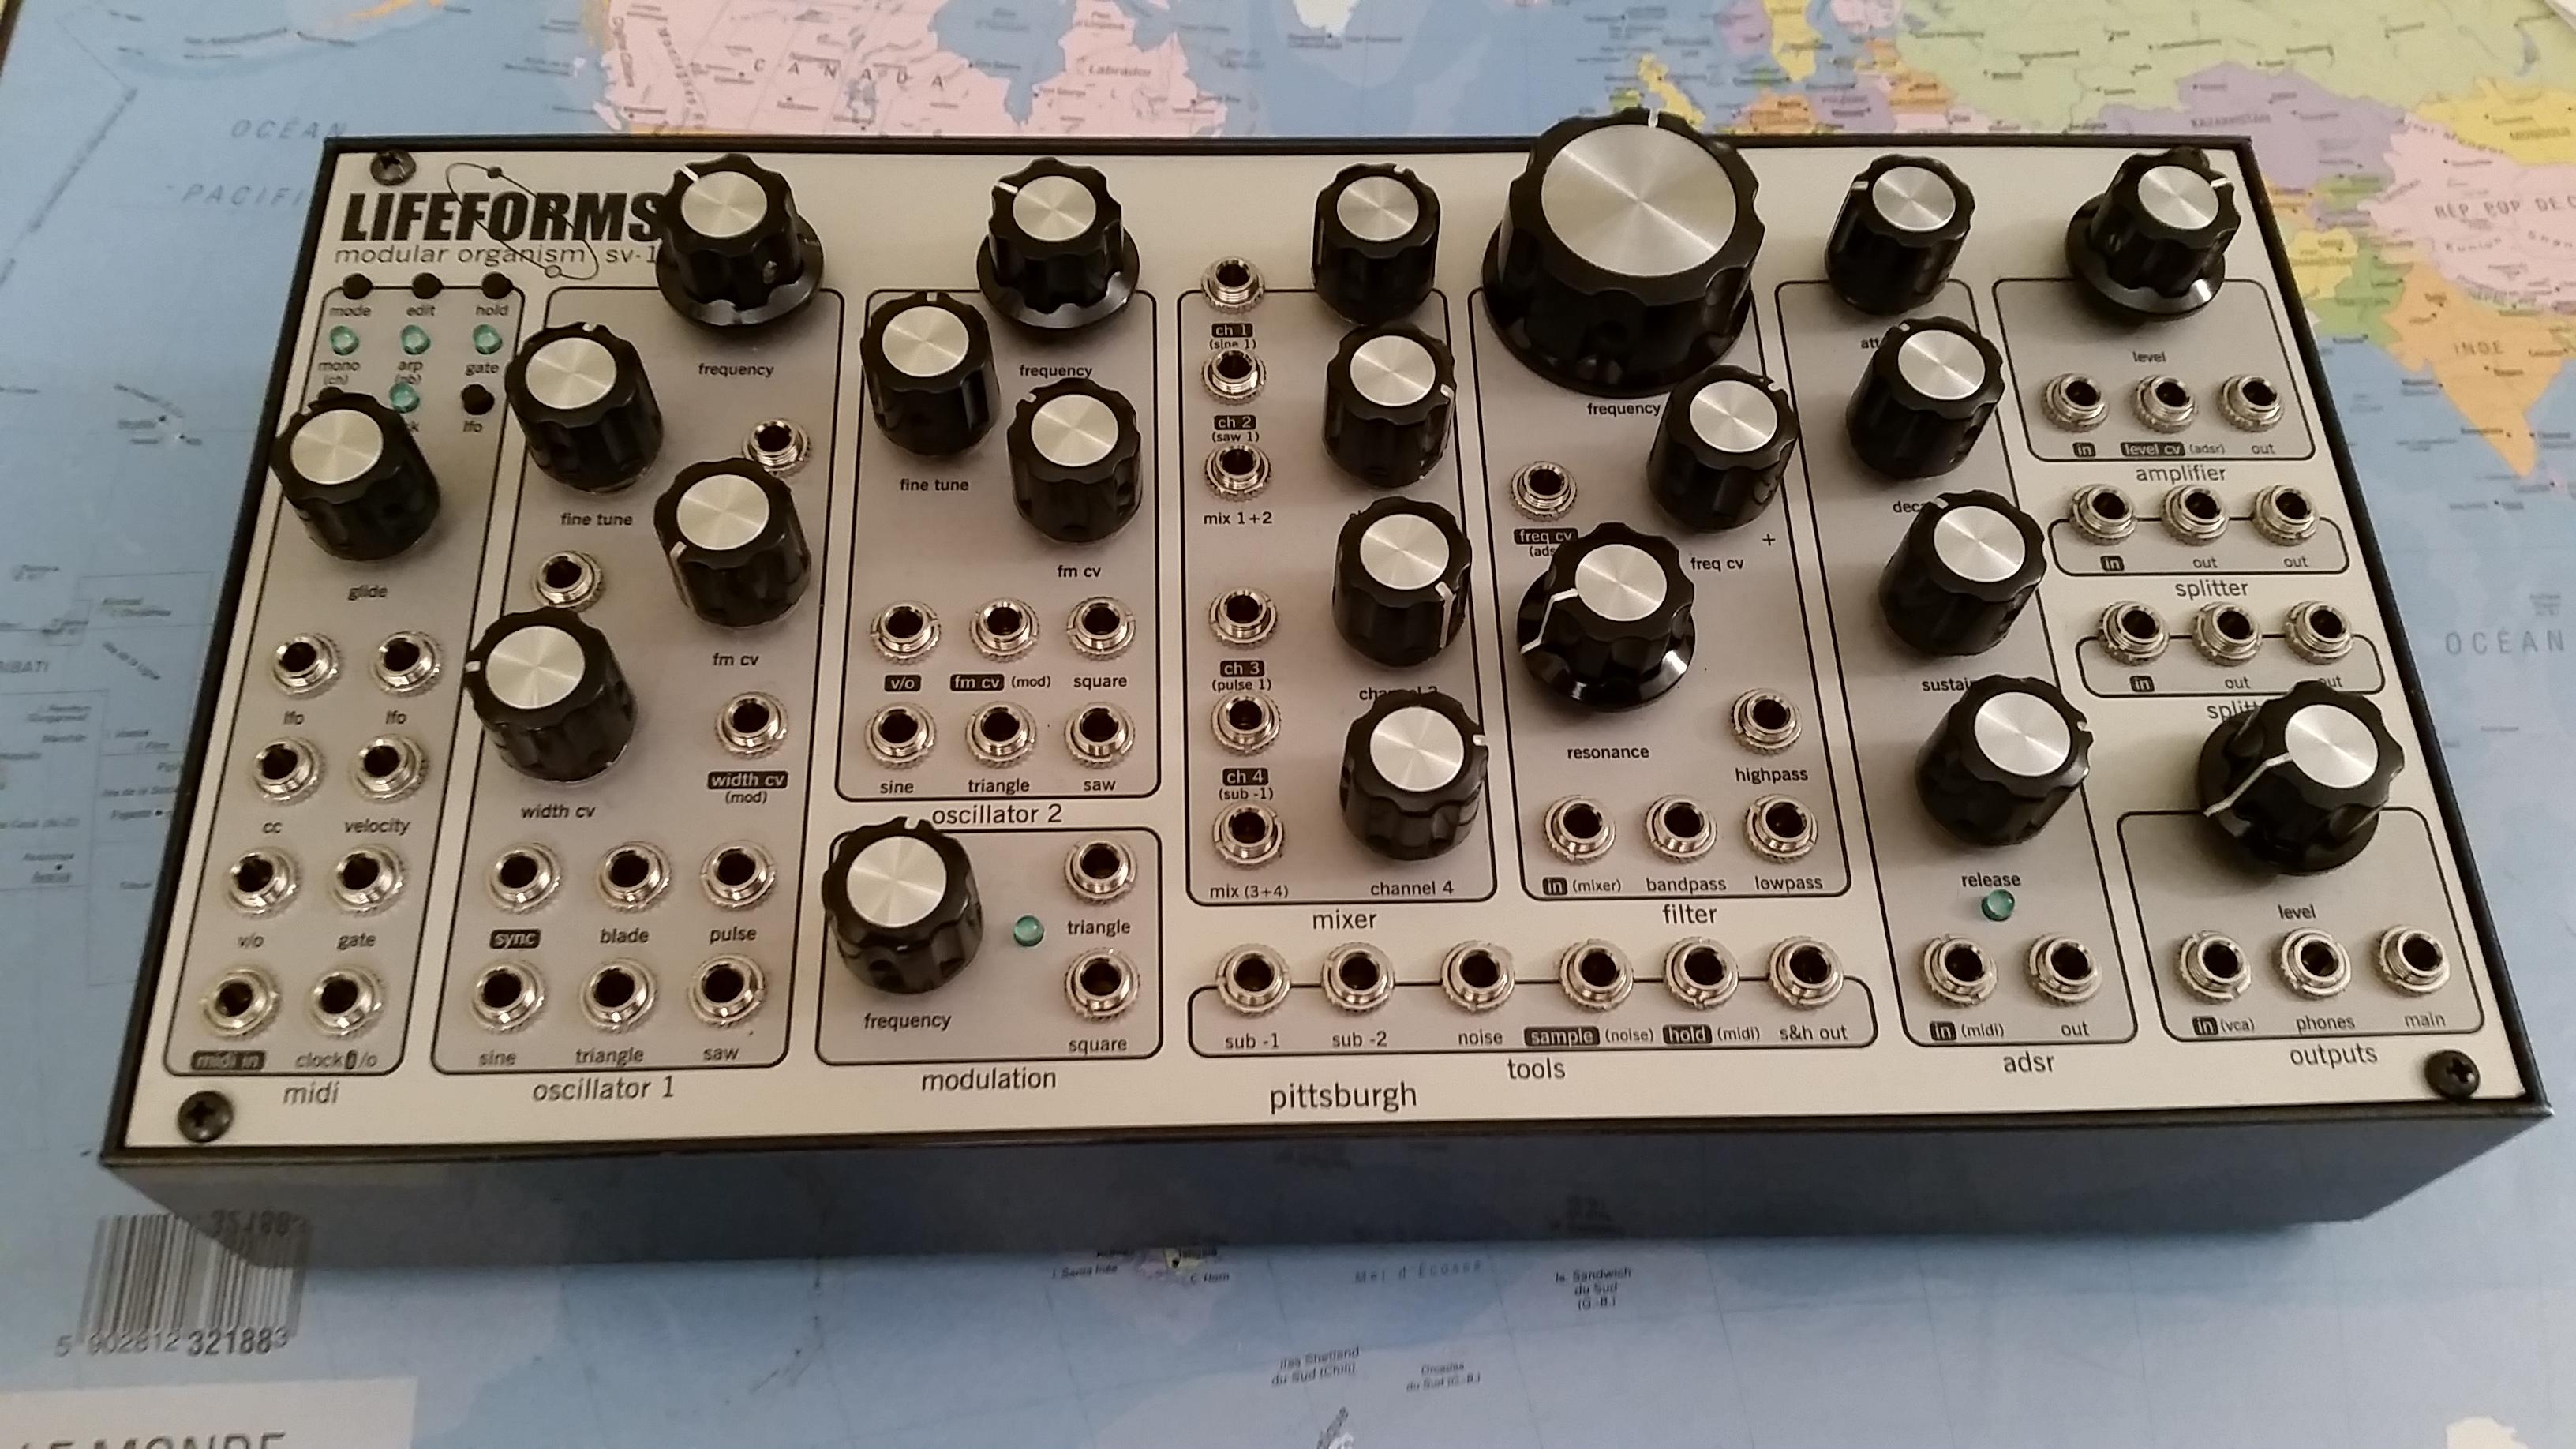 Pittsburgh Modular Lifeforms : lifeforms sv 1 pittsburgh modular lifeforms sv 1 audiofanzine ~ Russianpoet.info Haus und Dekorationen